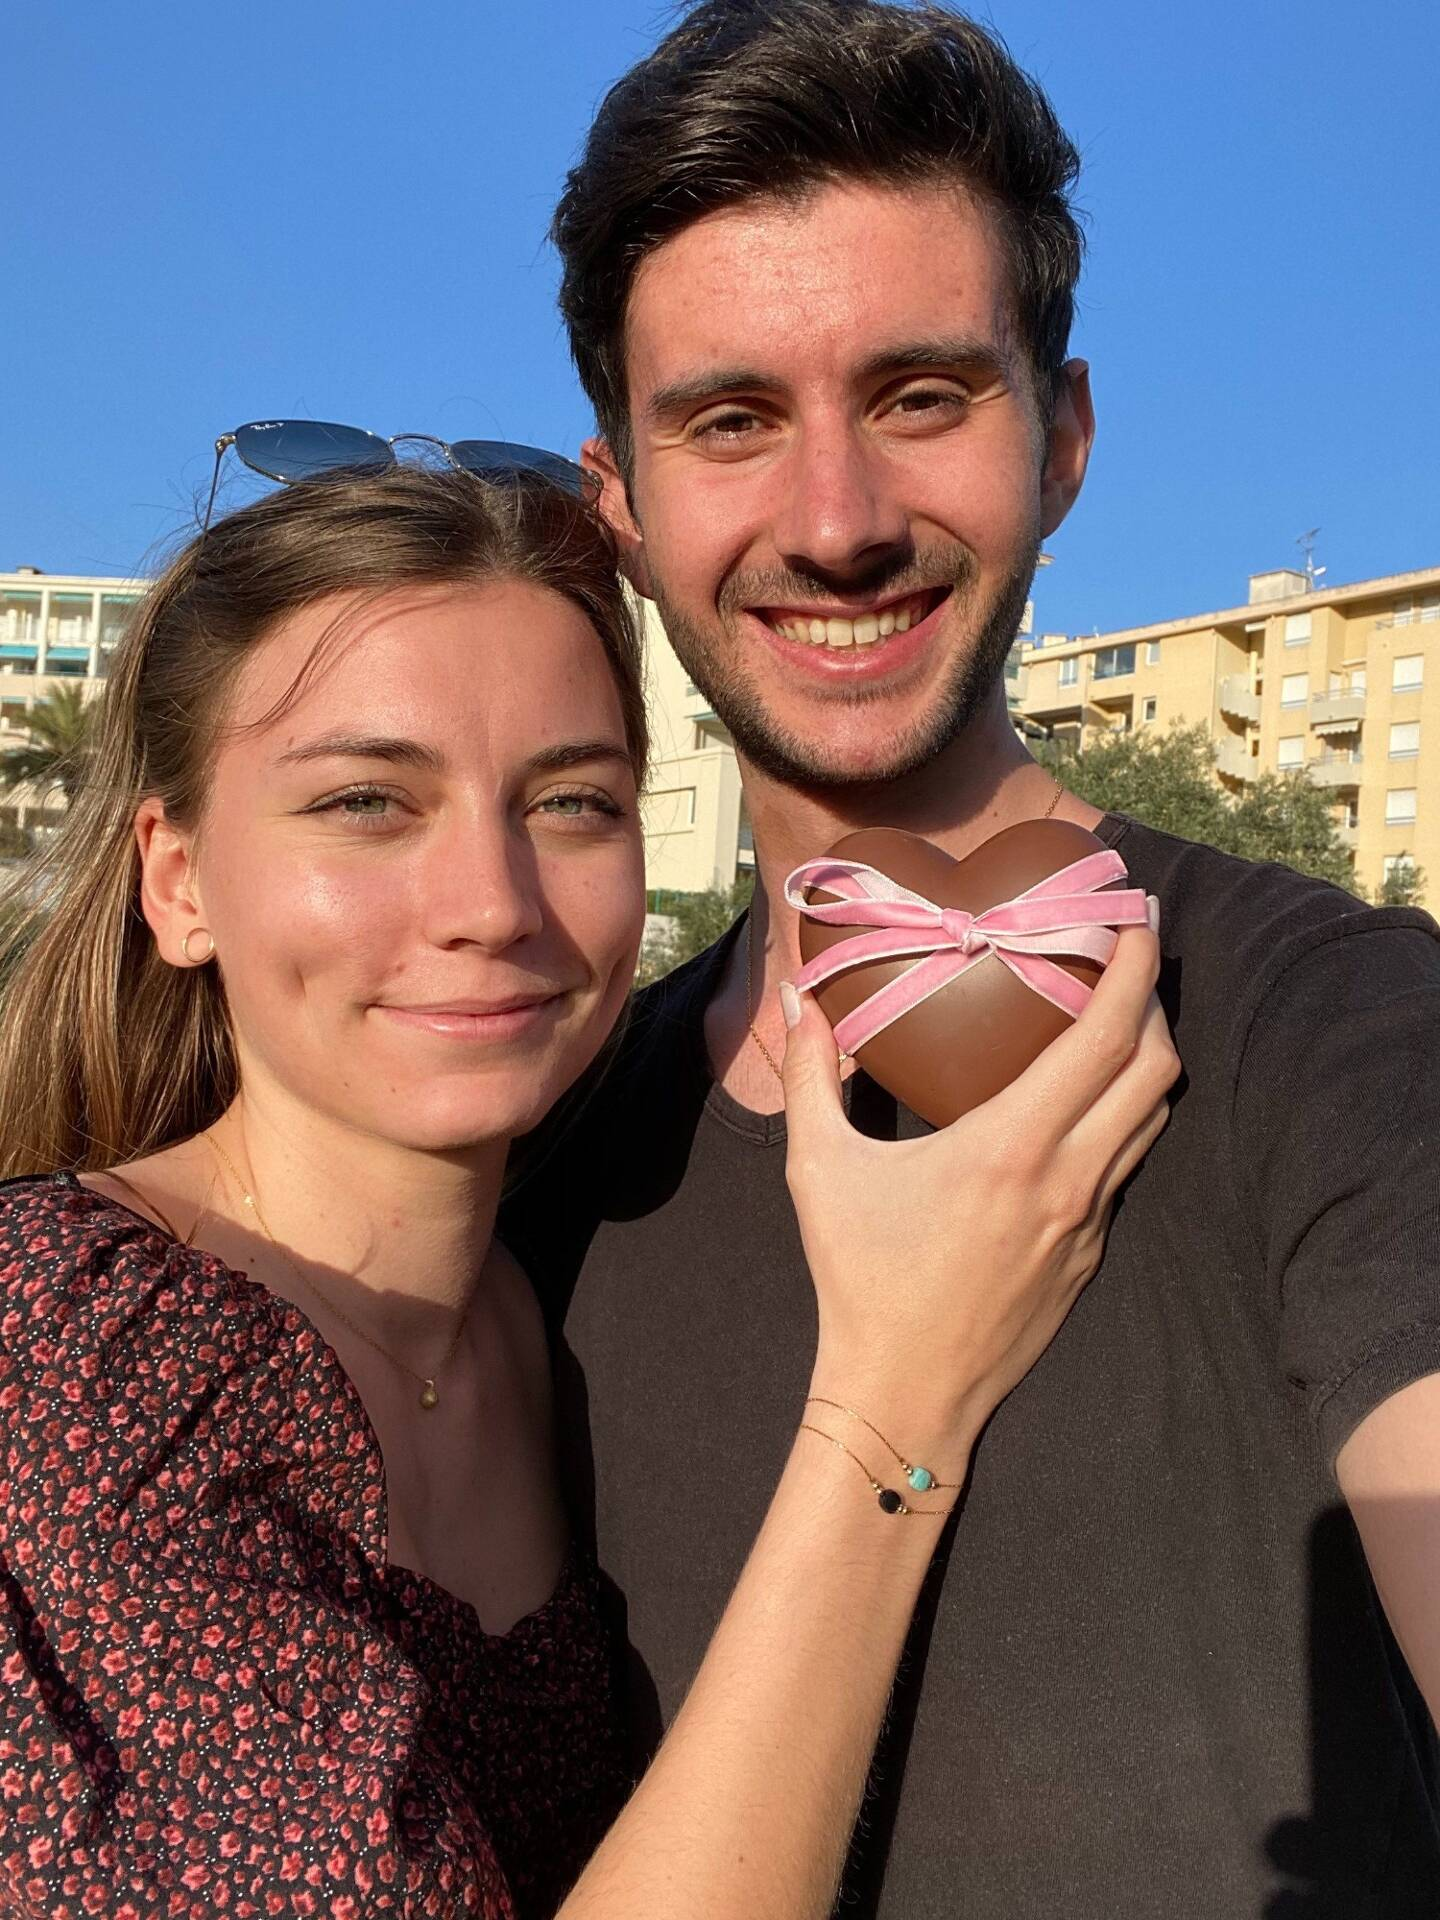 Un cœur joliment enrubanné renfermant dans ses deux coques, un bracelet raffiné agrémenté d'une pierre. Une idée signée Eva Guillotin et Benjamin Liégeois.